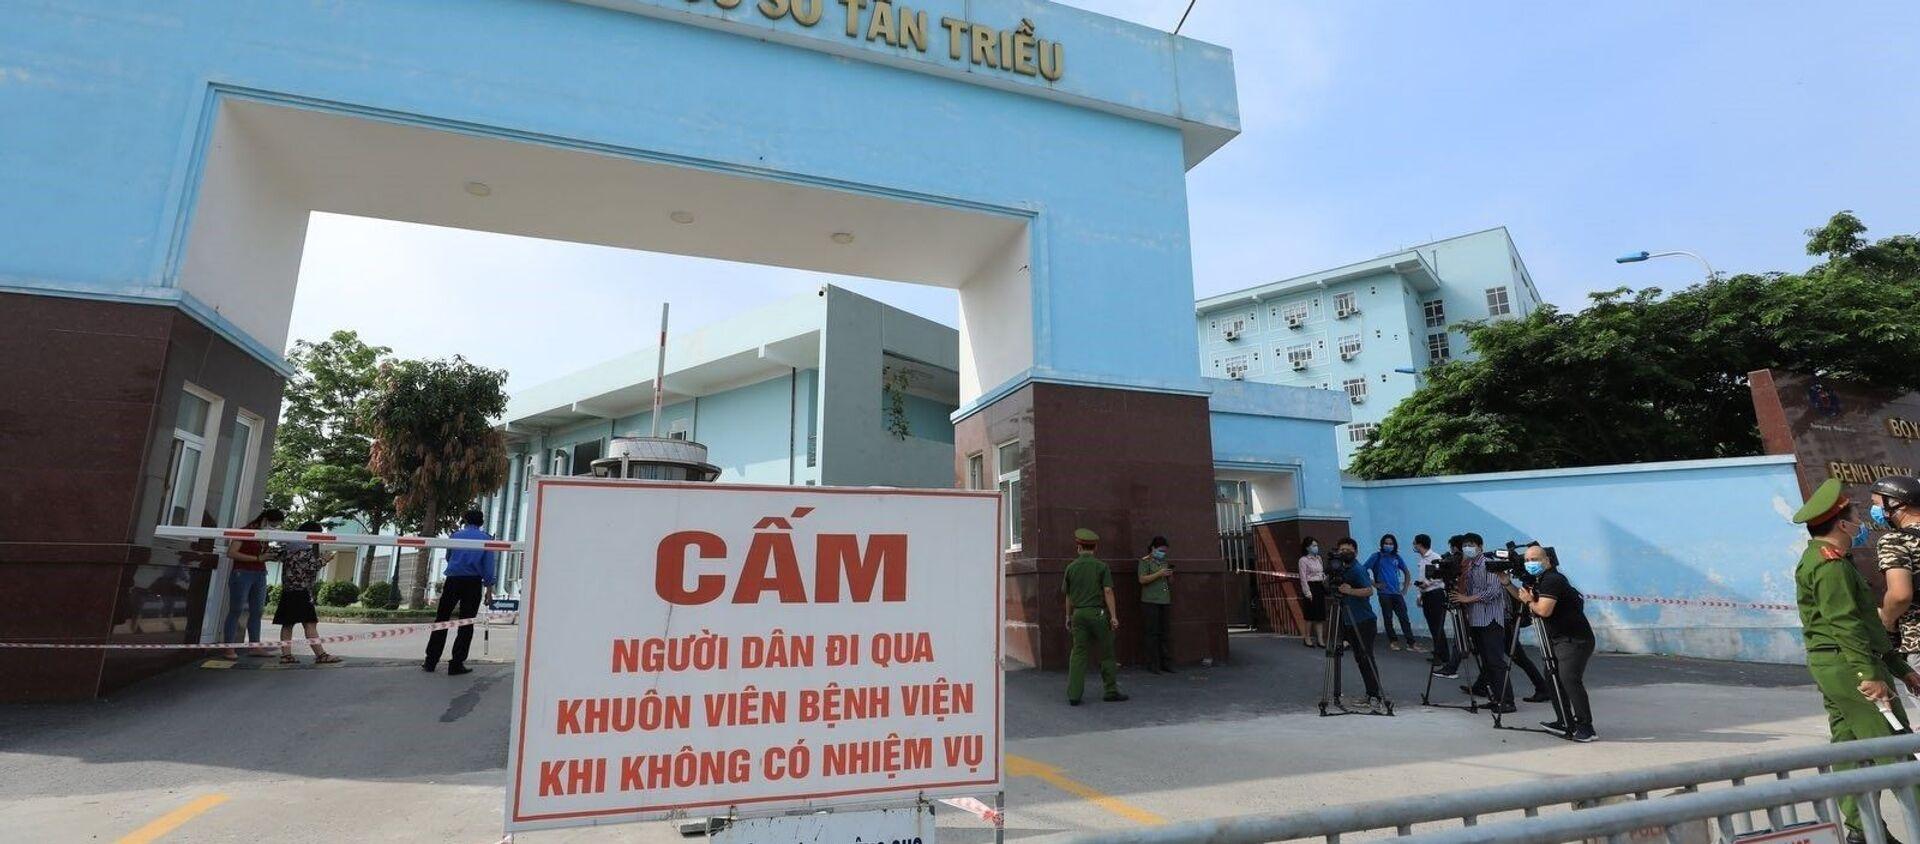 COVID-19: Bệnh viện K tạm thời phong toả cả 3 cơ sở - Sputnik Việt Nam, 1920, 07.05.2021